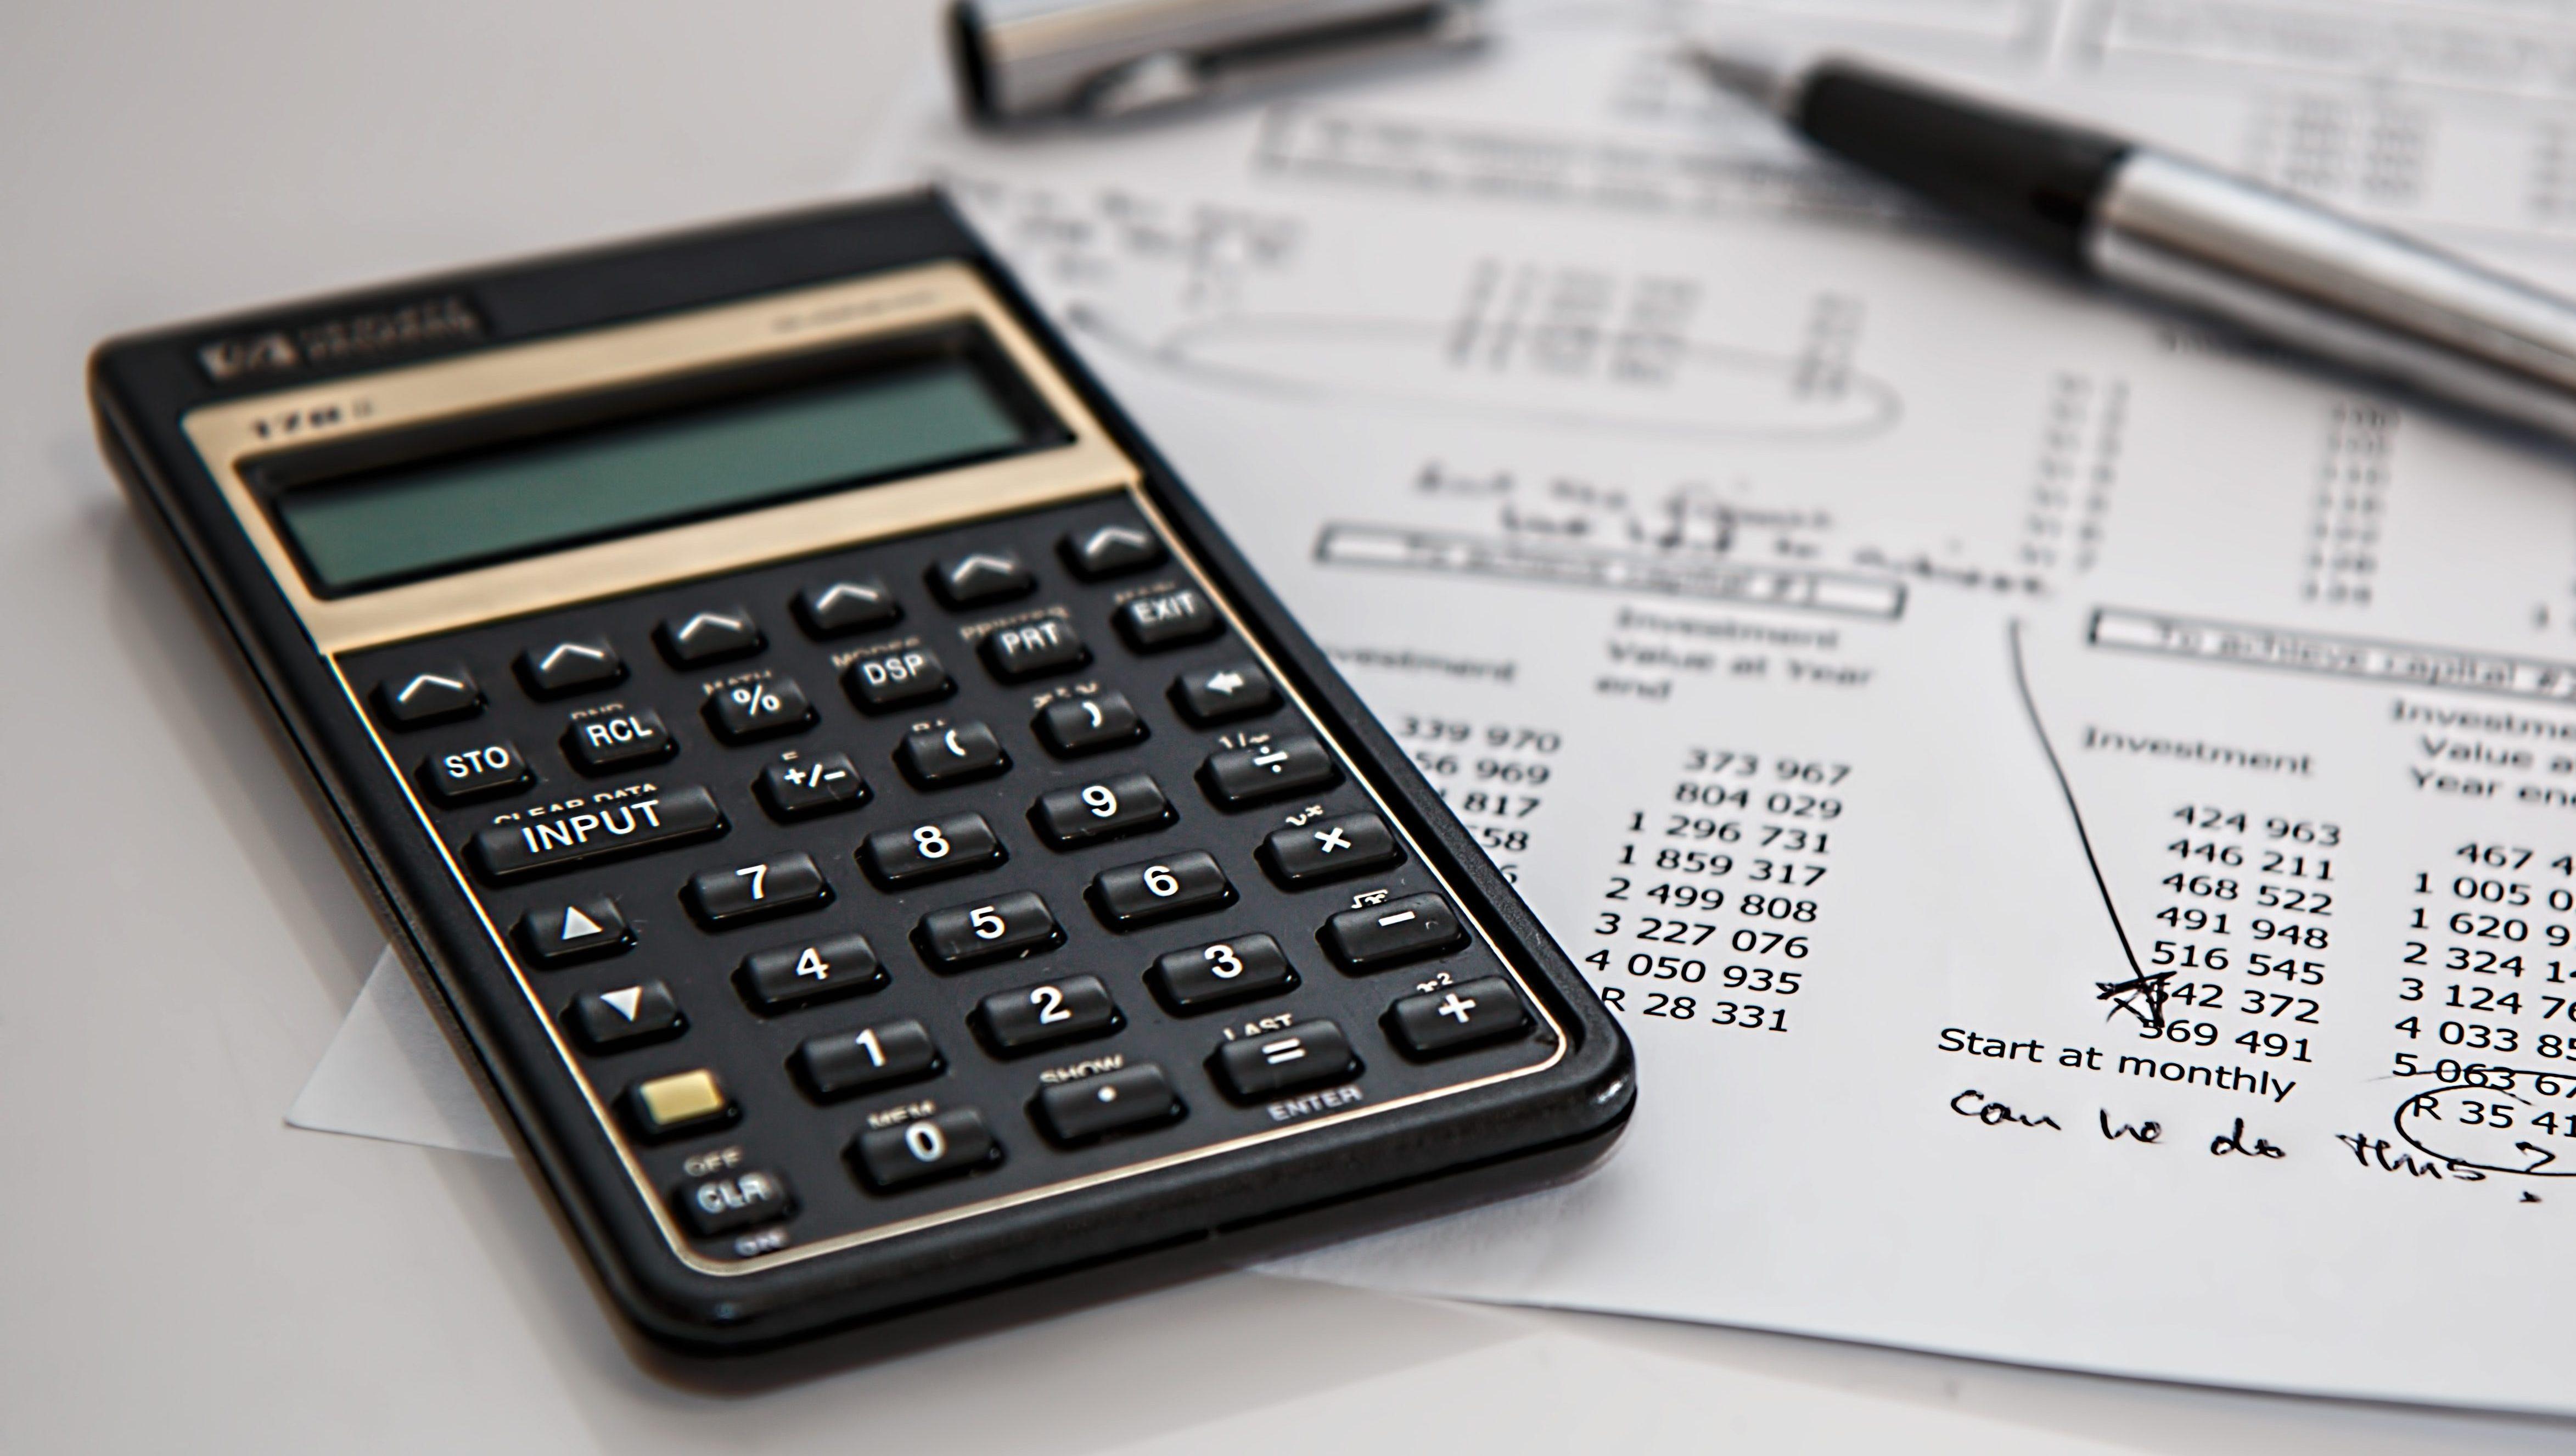 סקירה של תוצאות ענף הביטוח 2019: EY – הרווח מתחומי הפעילות גדל ב-52% בעקבות גידול ברווחי השקעות ושחרור הפרשות וינוגרד